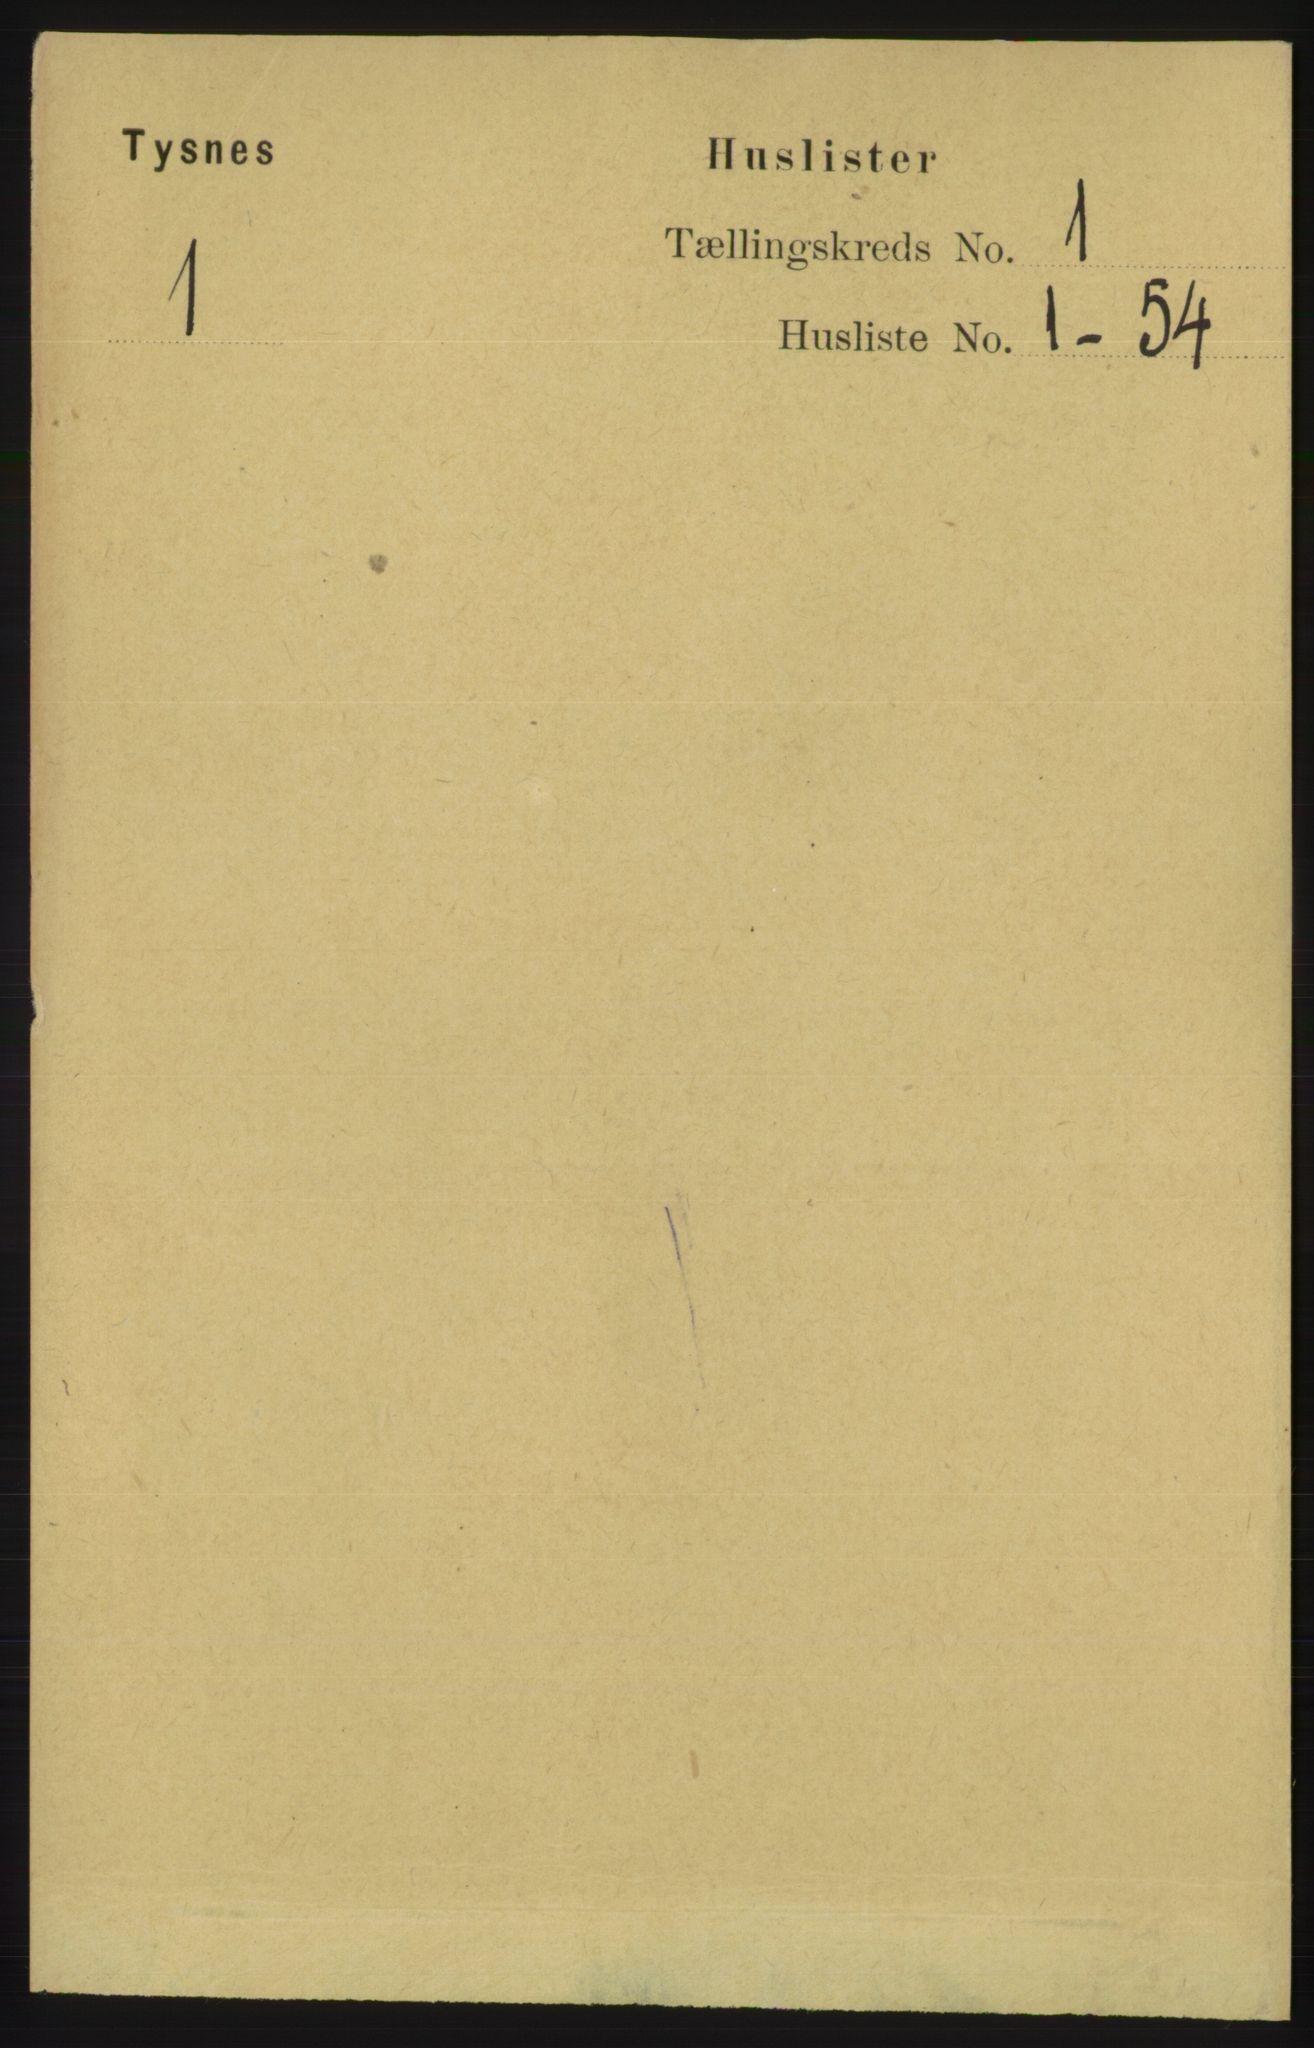 RA, Folketelling 1891 for 1223 Tysnes herred, 1891, s. 31